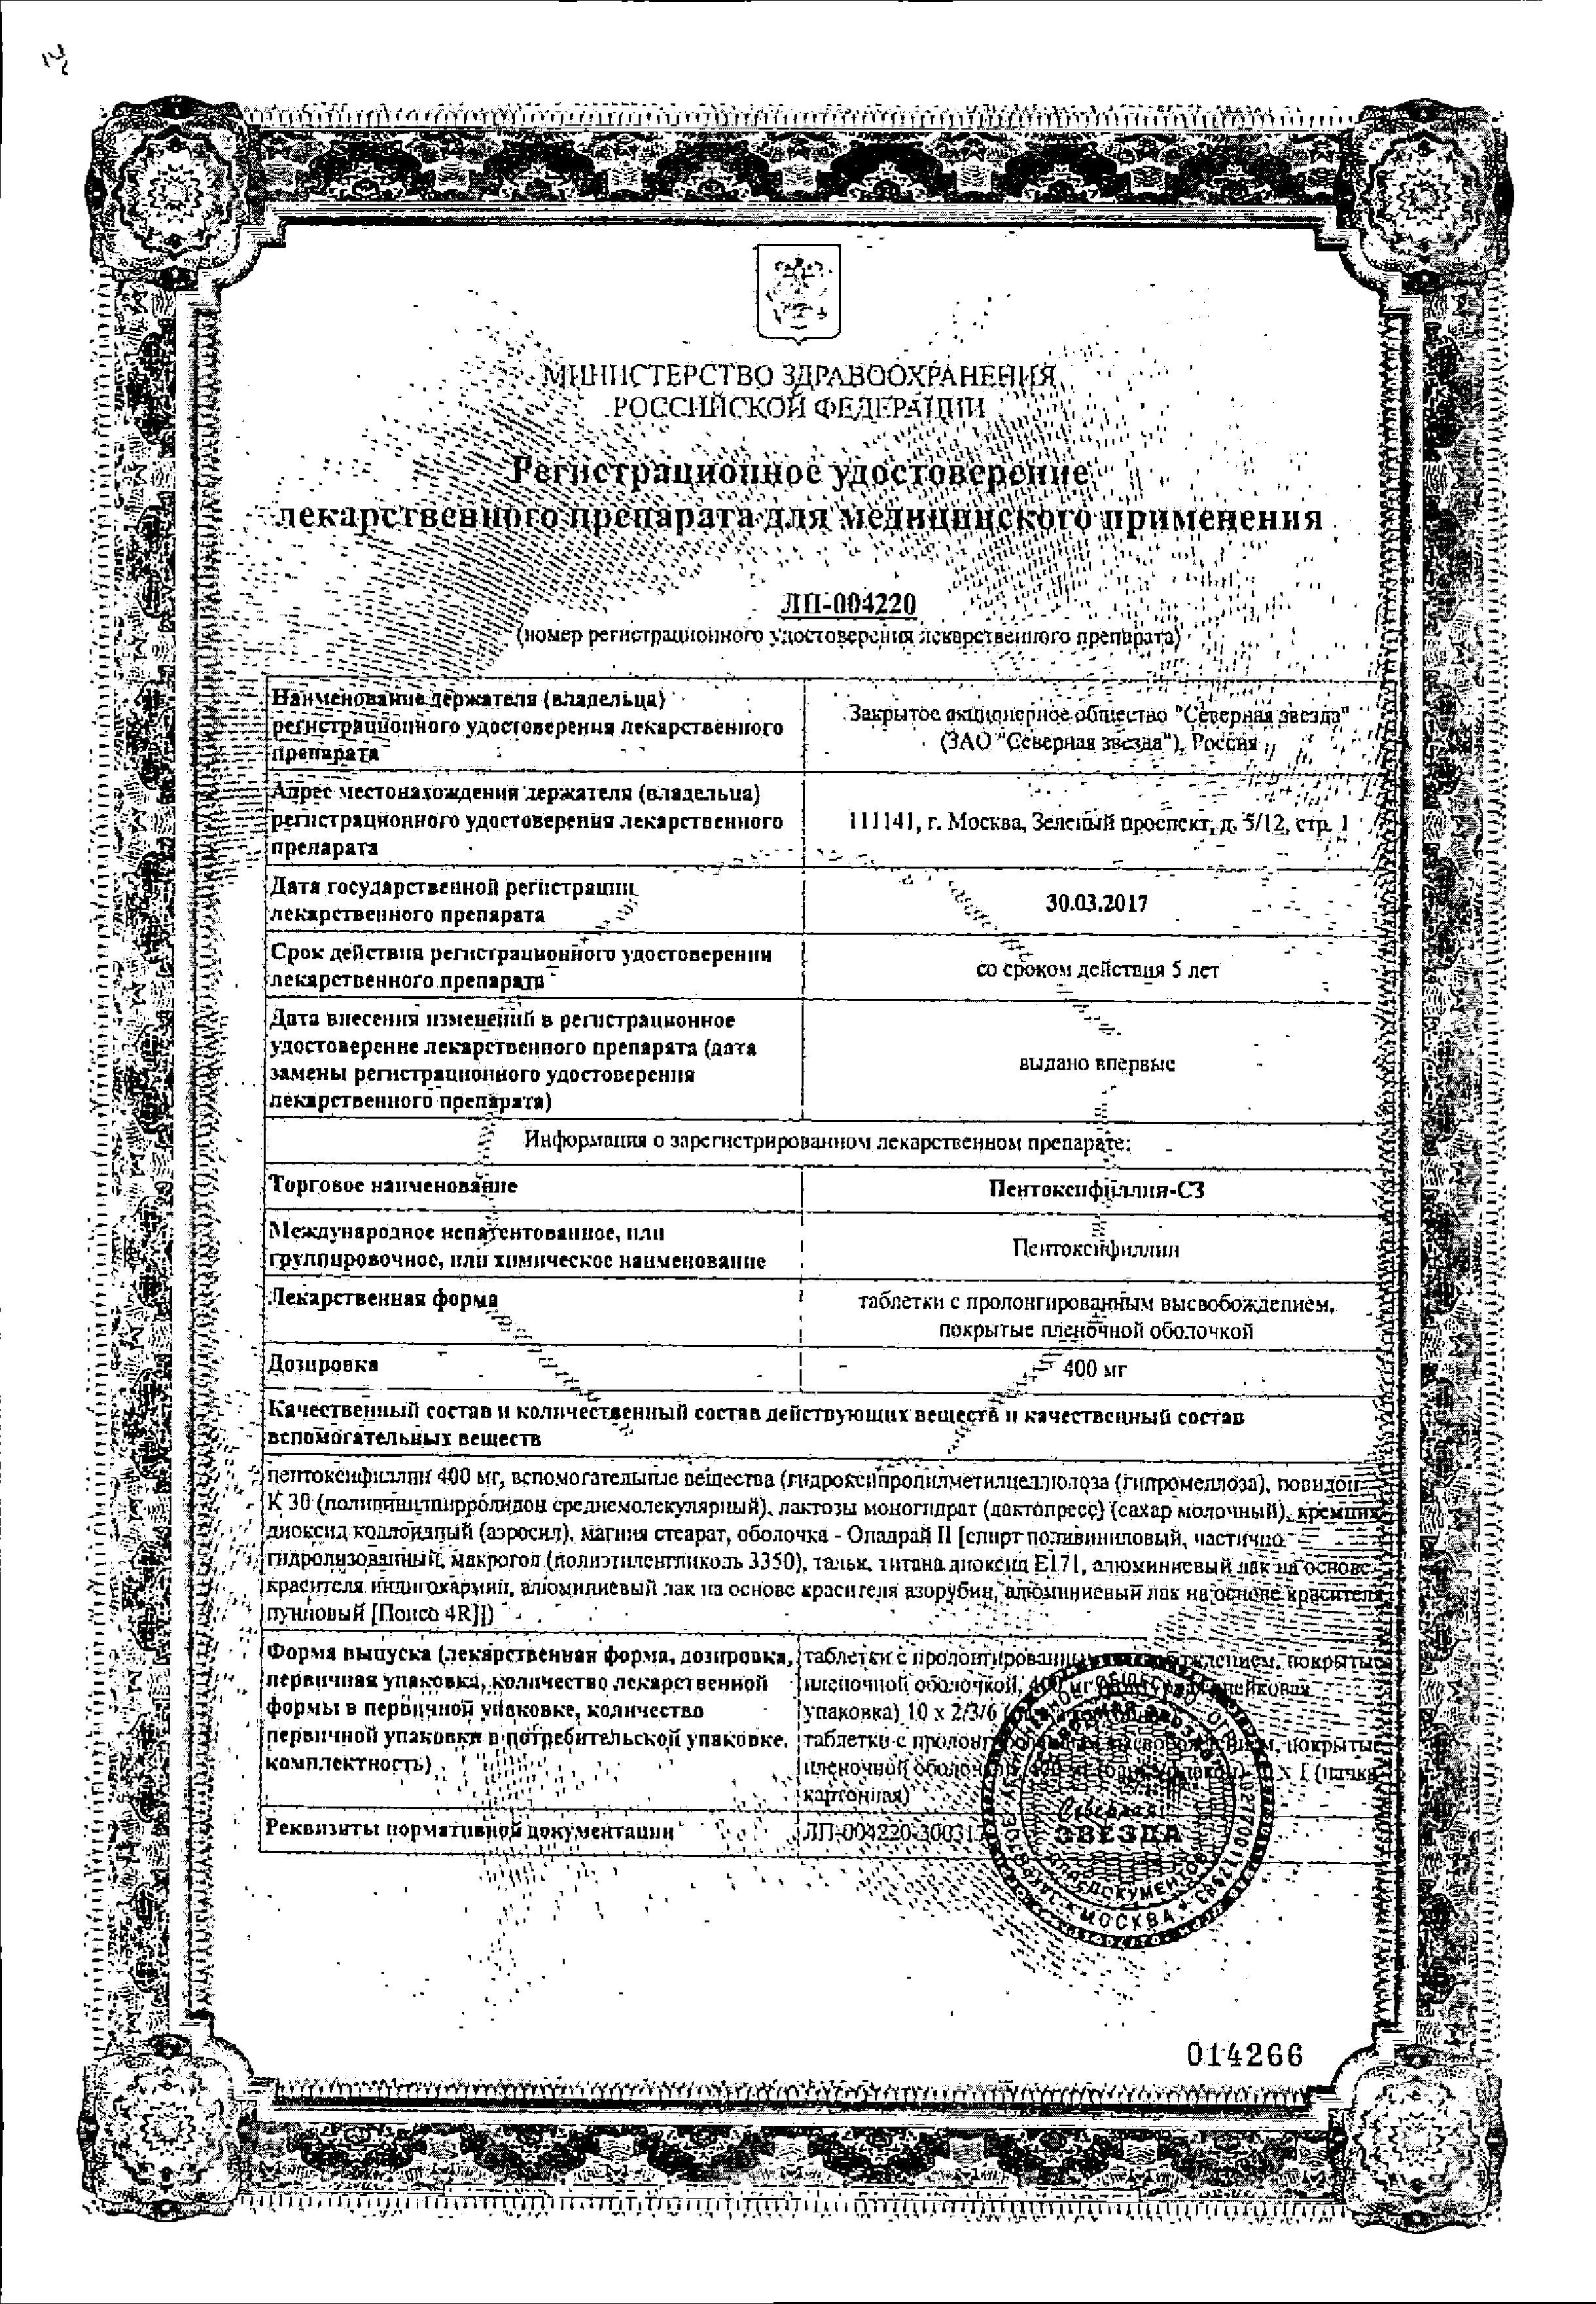 Пентоксифиллин-СЗ сертификат